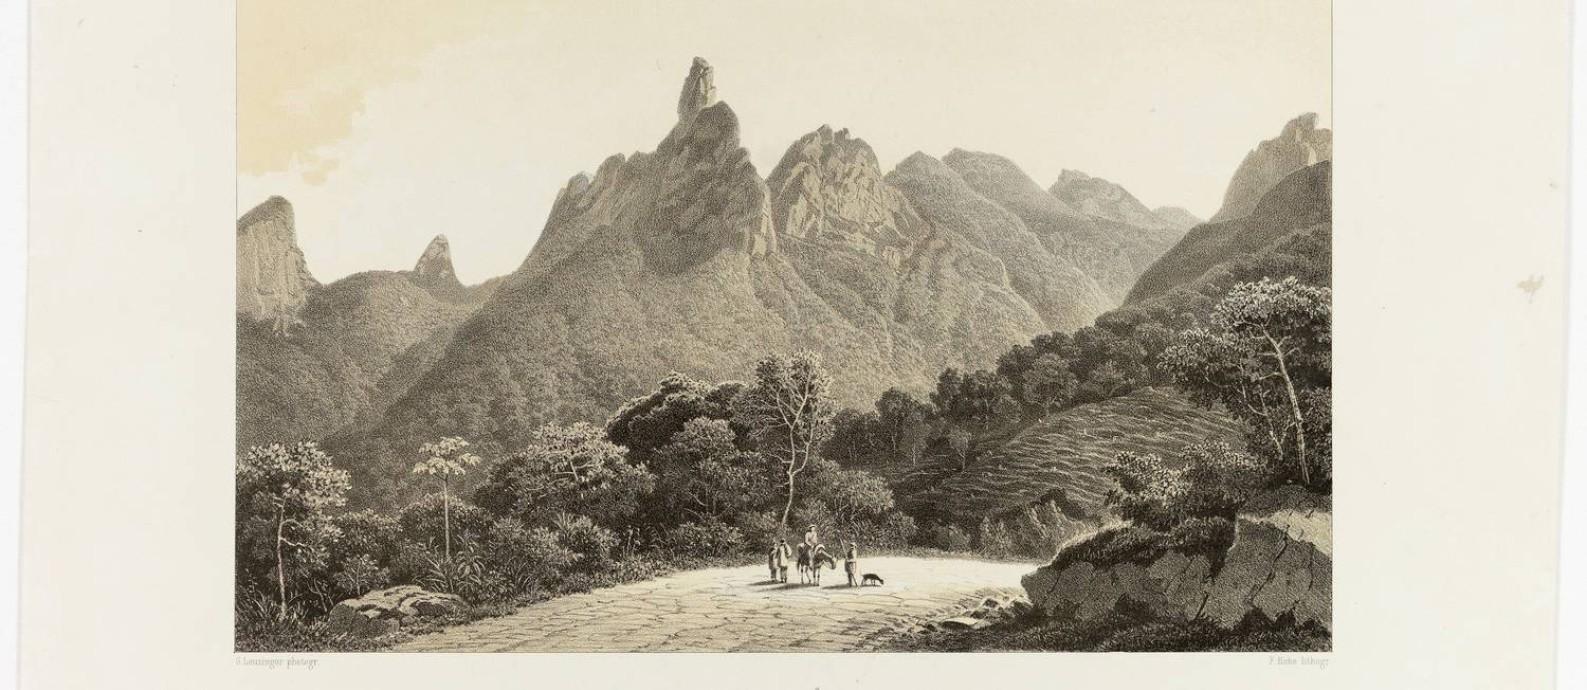 Litografia de Von Martius mostra floresta que sombreia as encostas das montanhas da Serra dos Órgãos, no Rio de Janeiro Foto: Divulgação